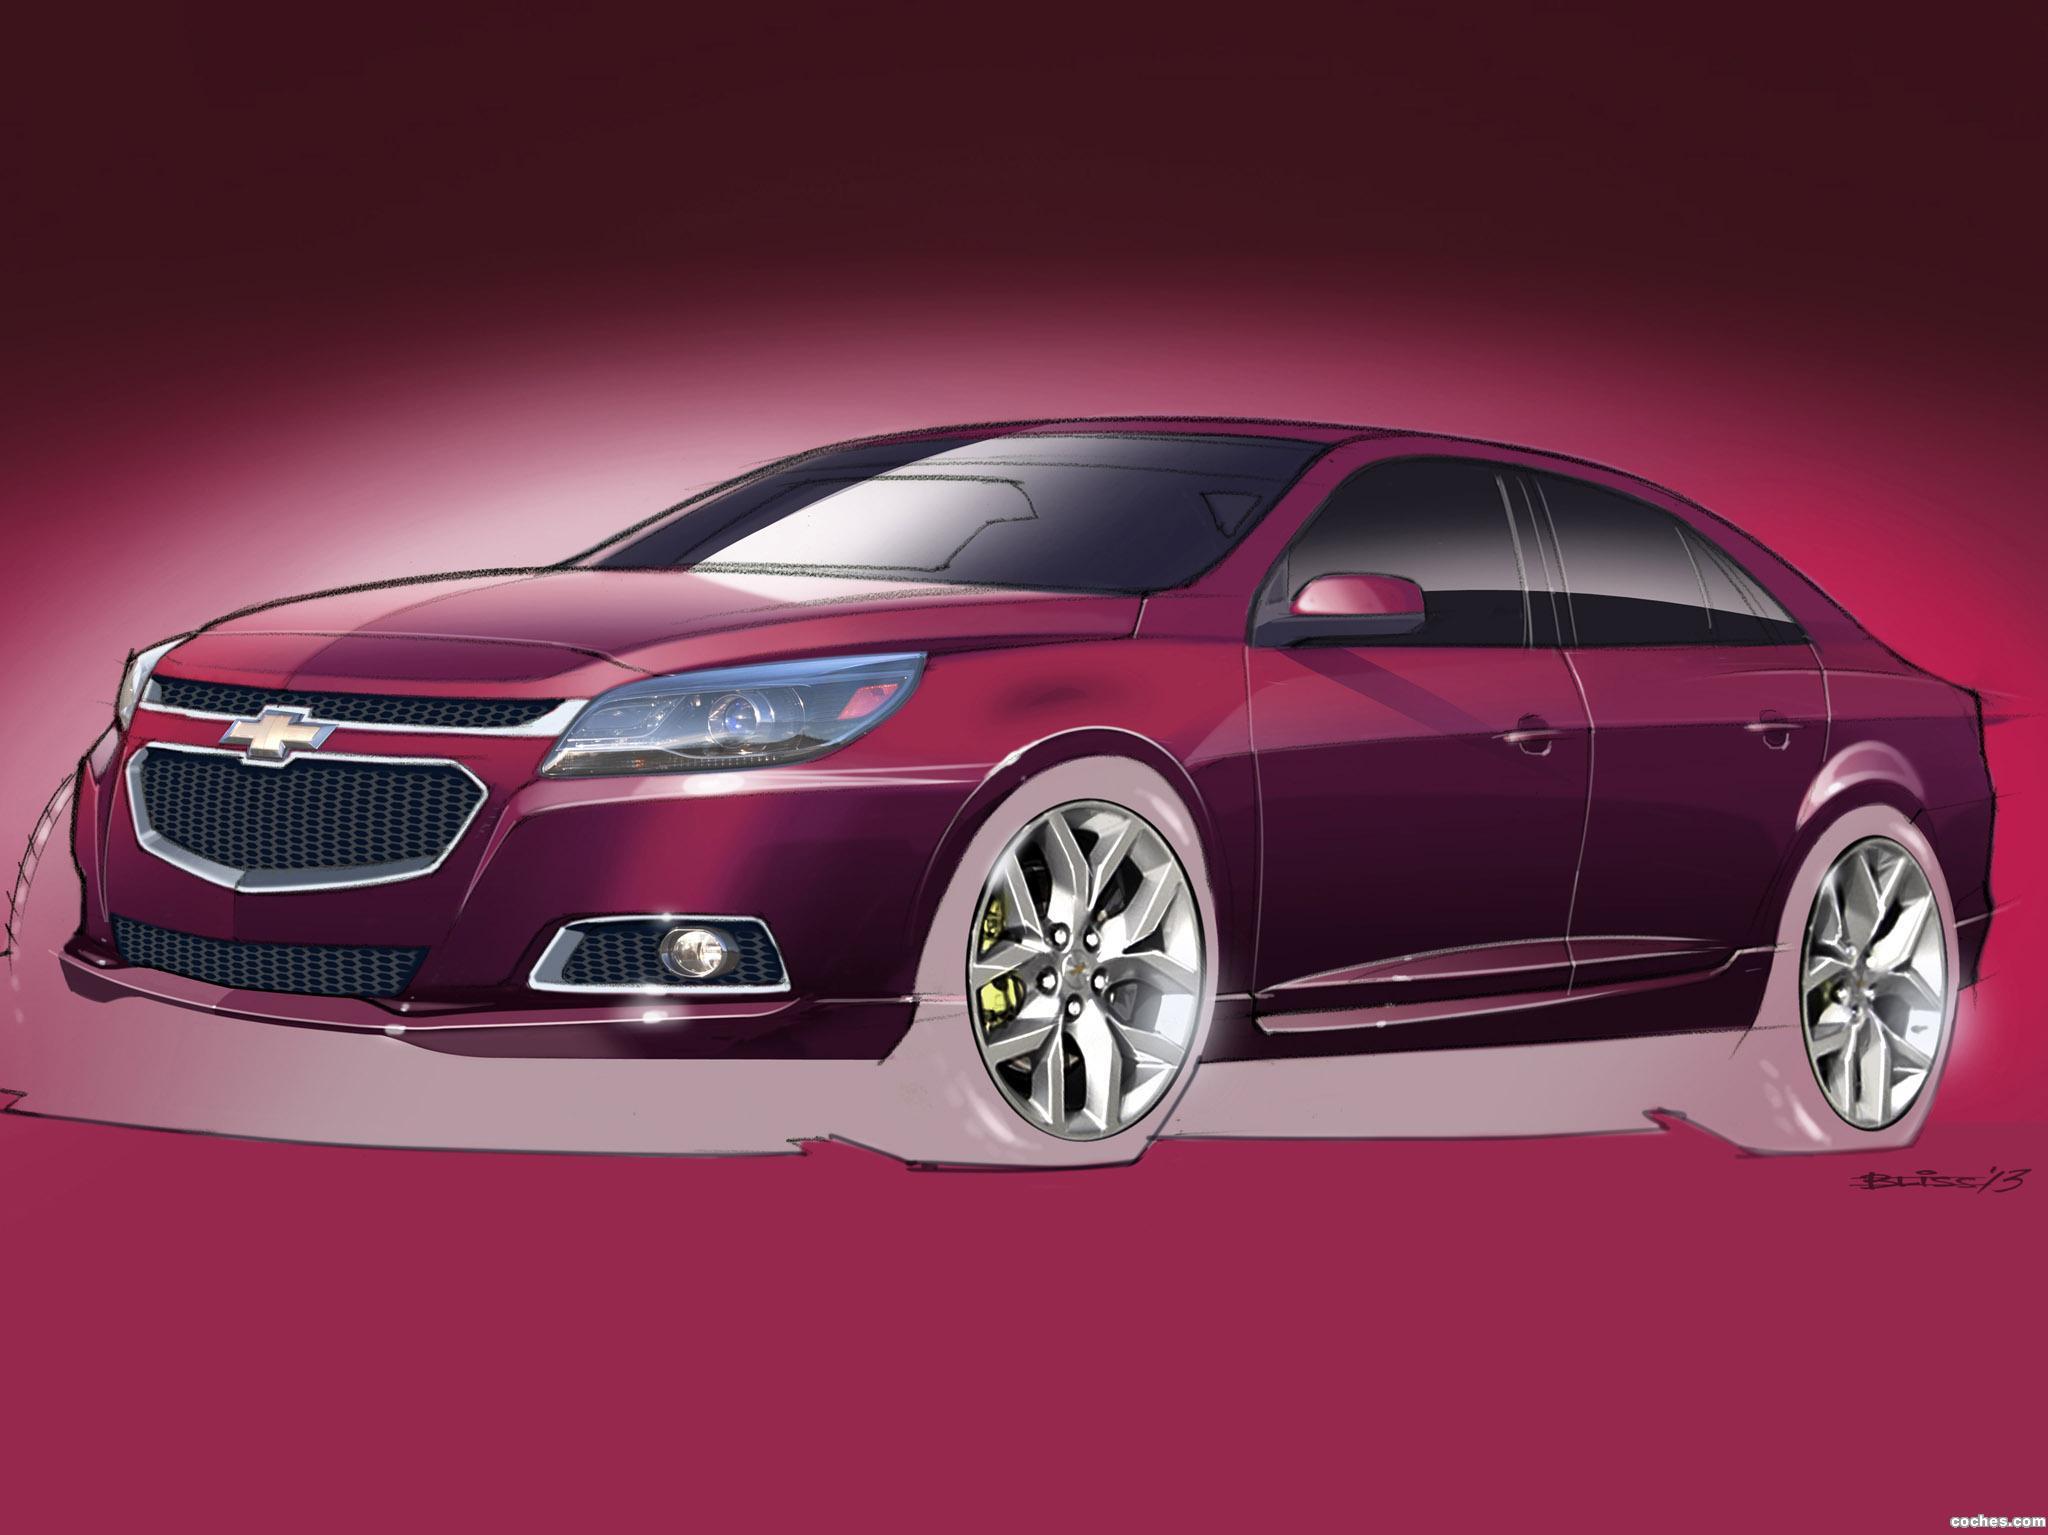 Foto 0 de Chevrolet Malibu LTZ Concept 2013